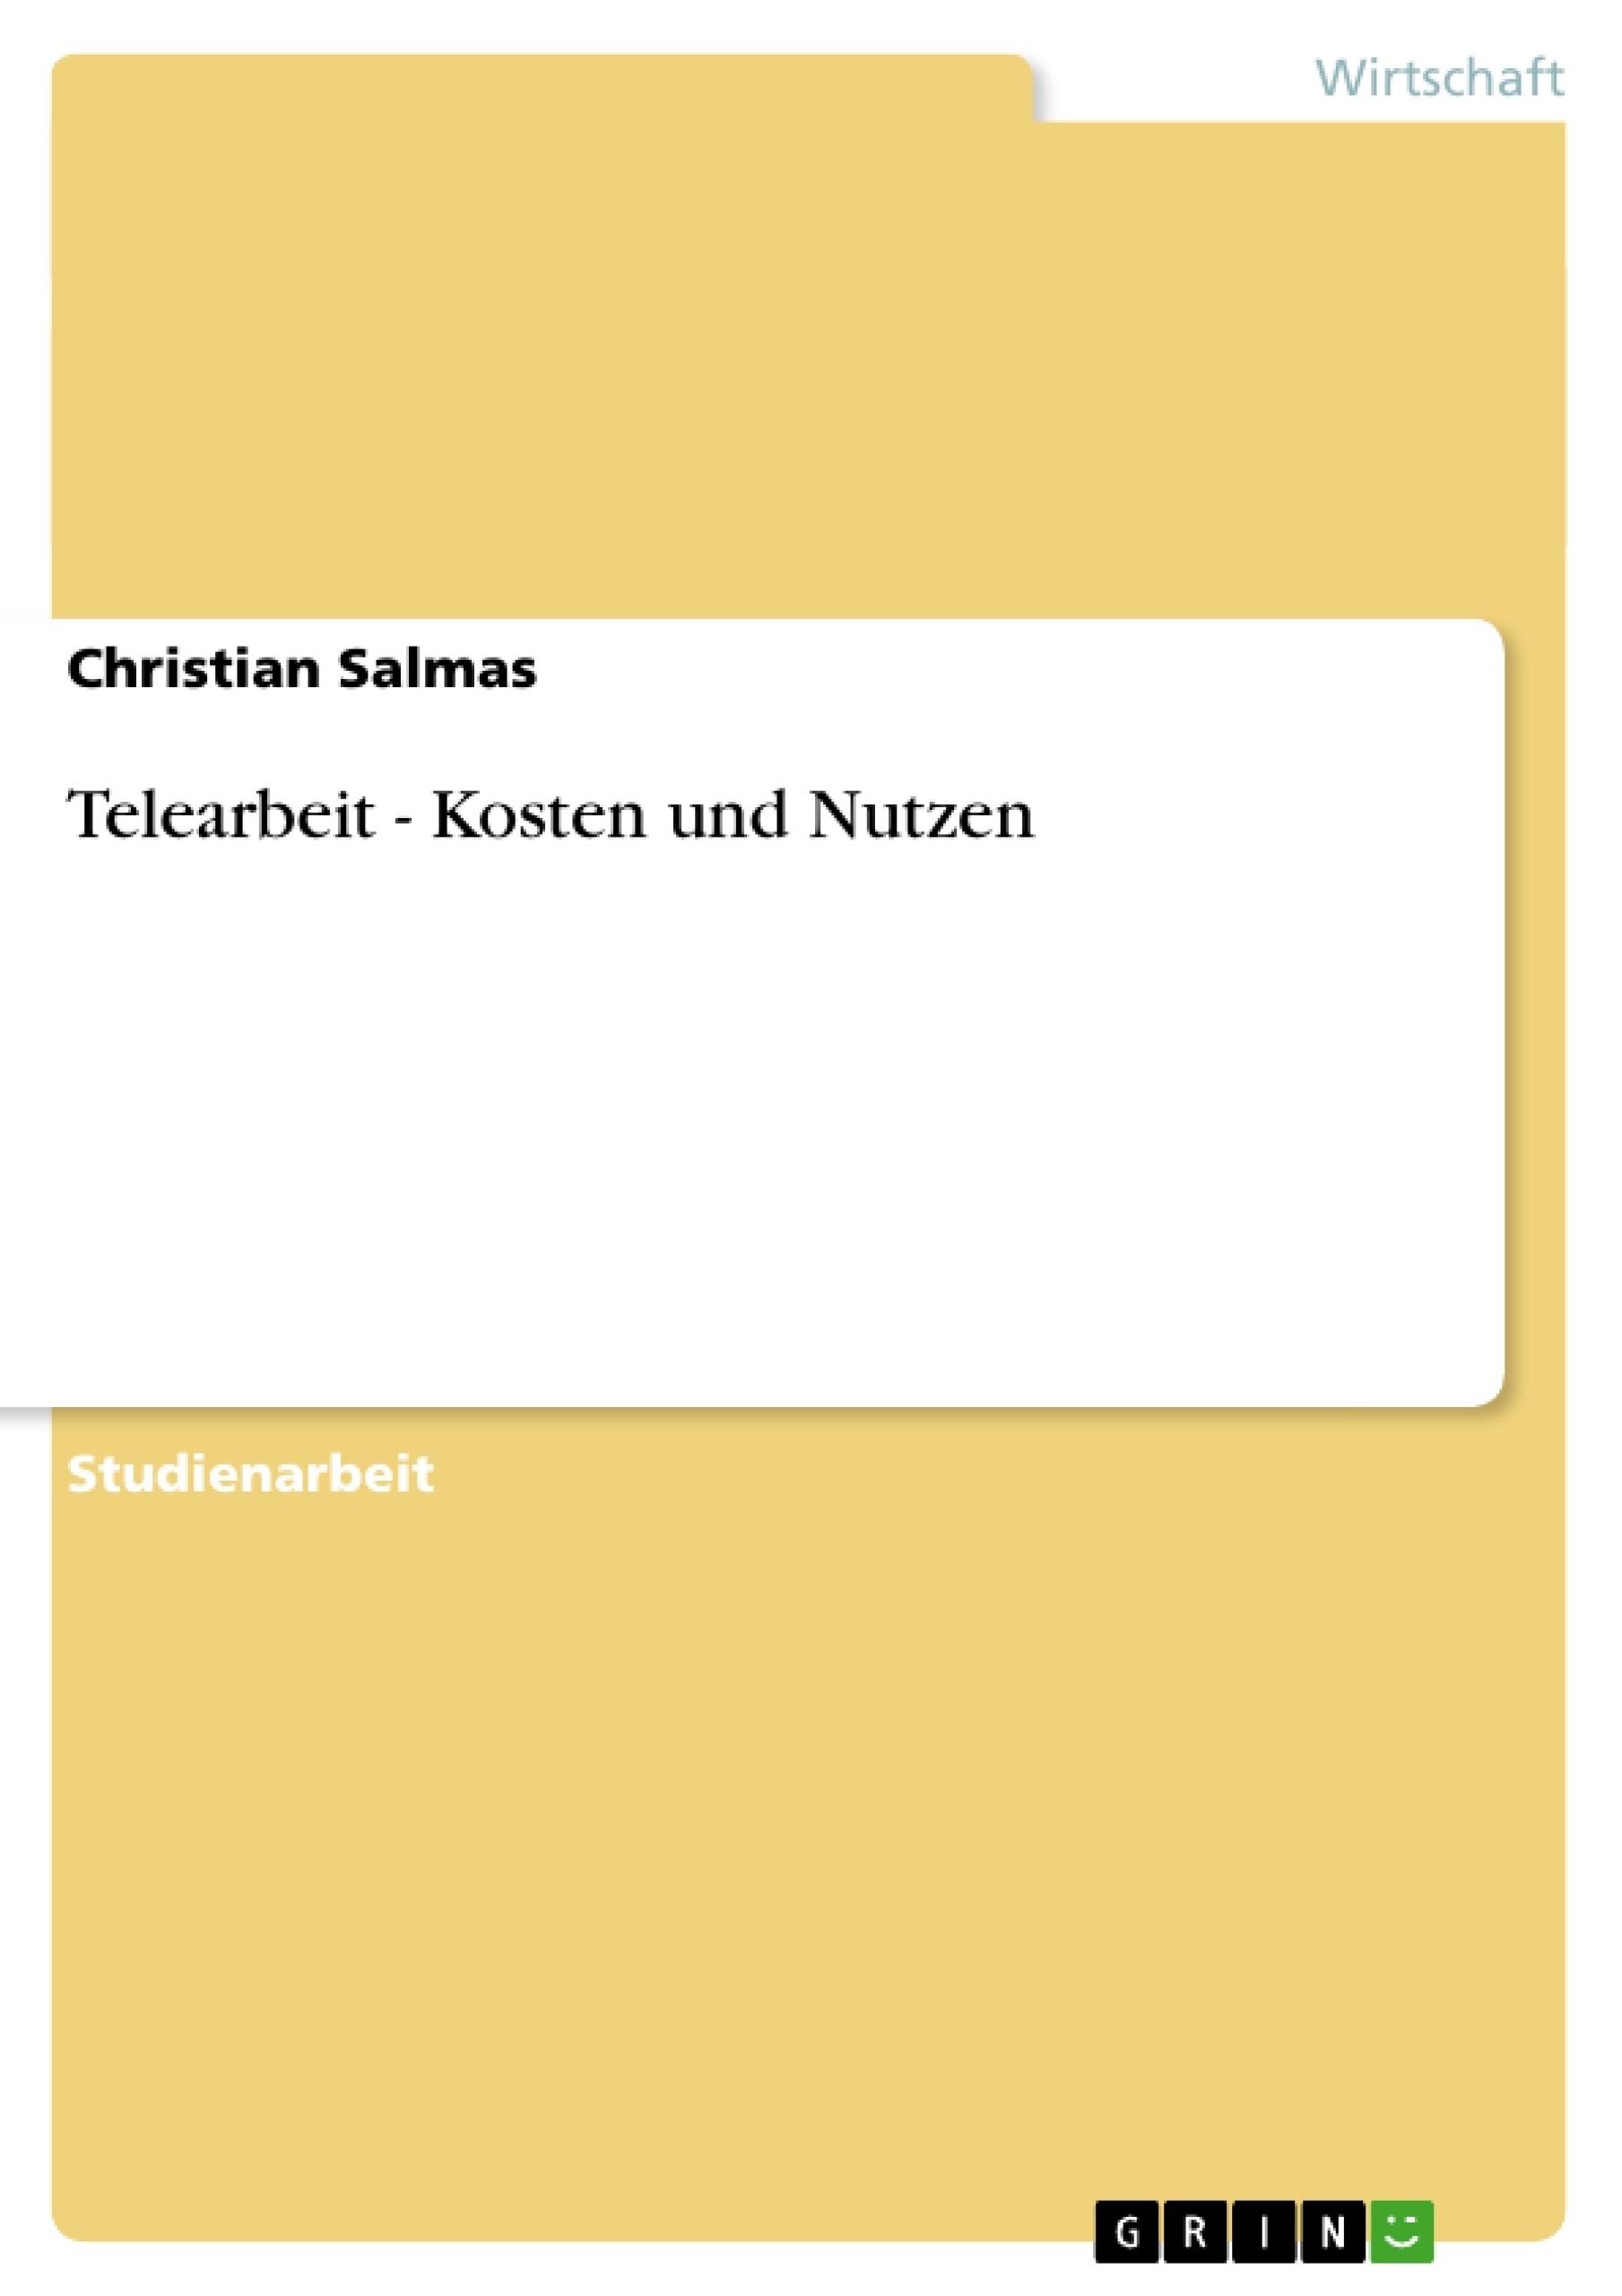 Titel: Telearbeit - Kosten und Nutzen